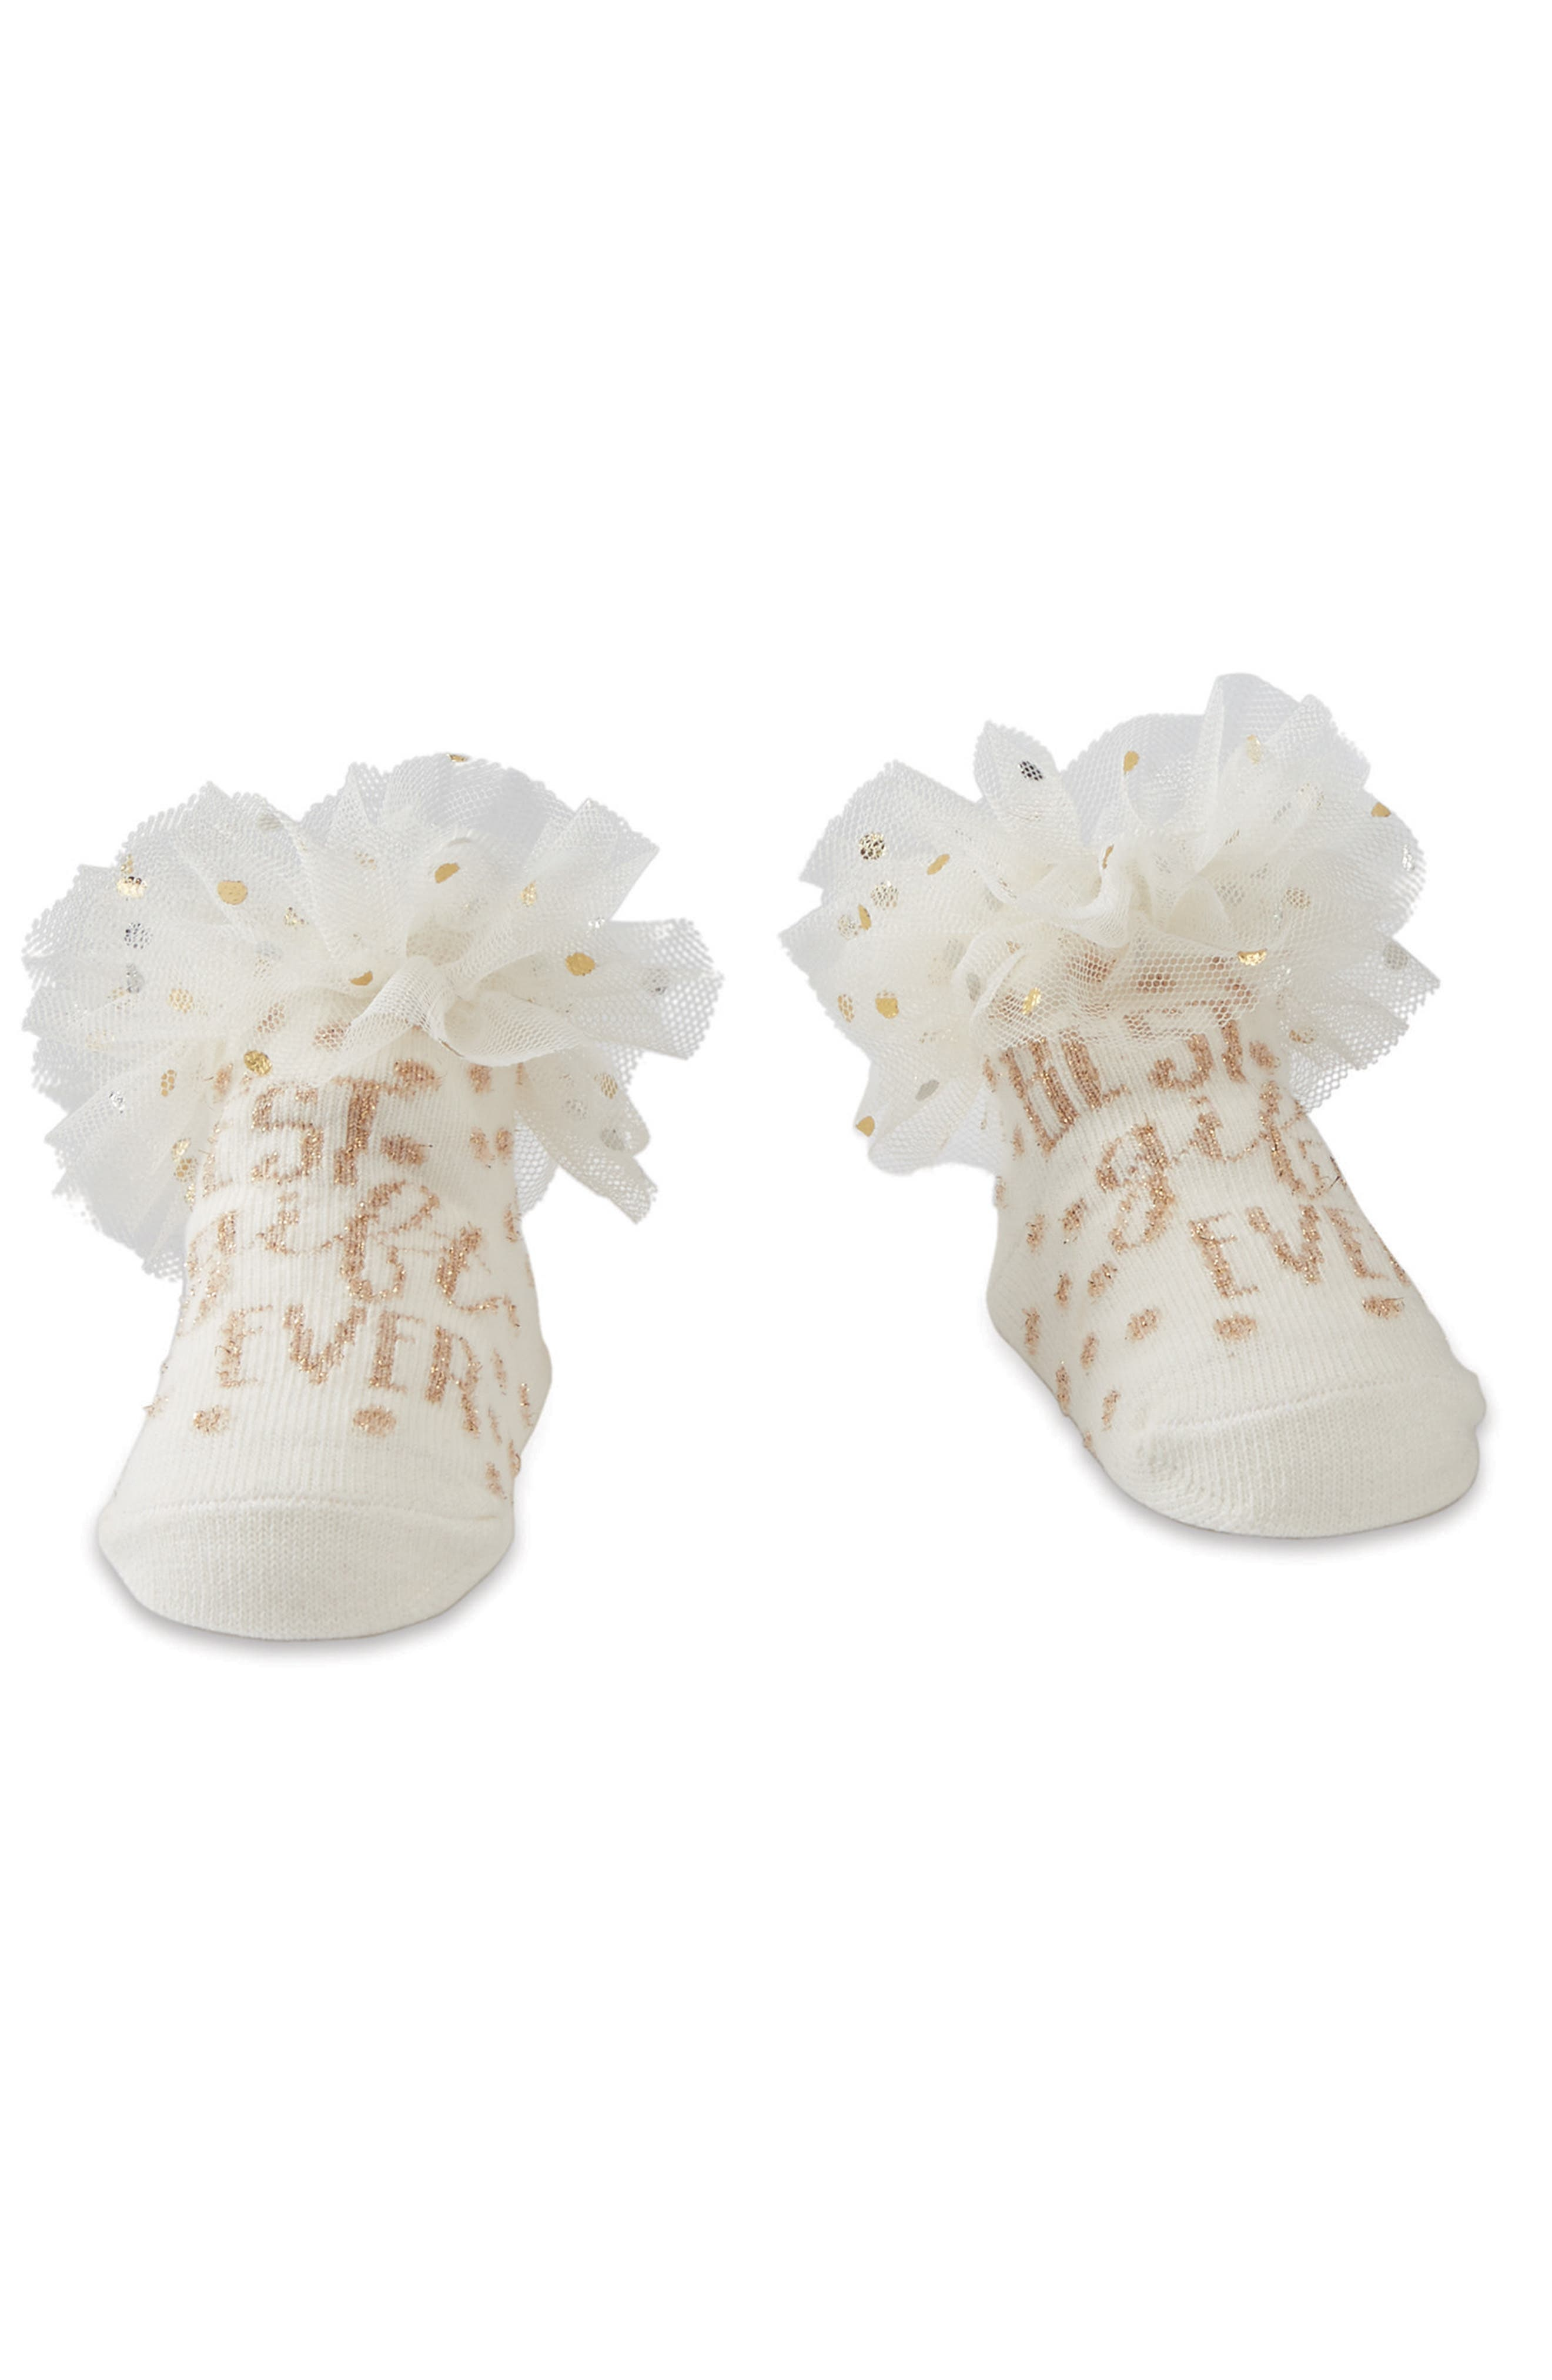 Main Image - Mud Pie Best Gift Ever Ruffle Socks (Baby)